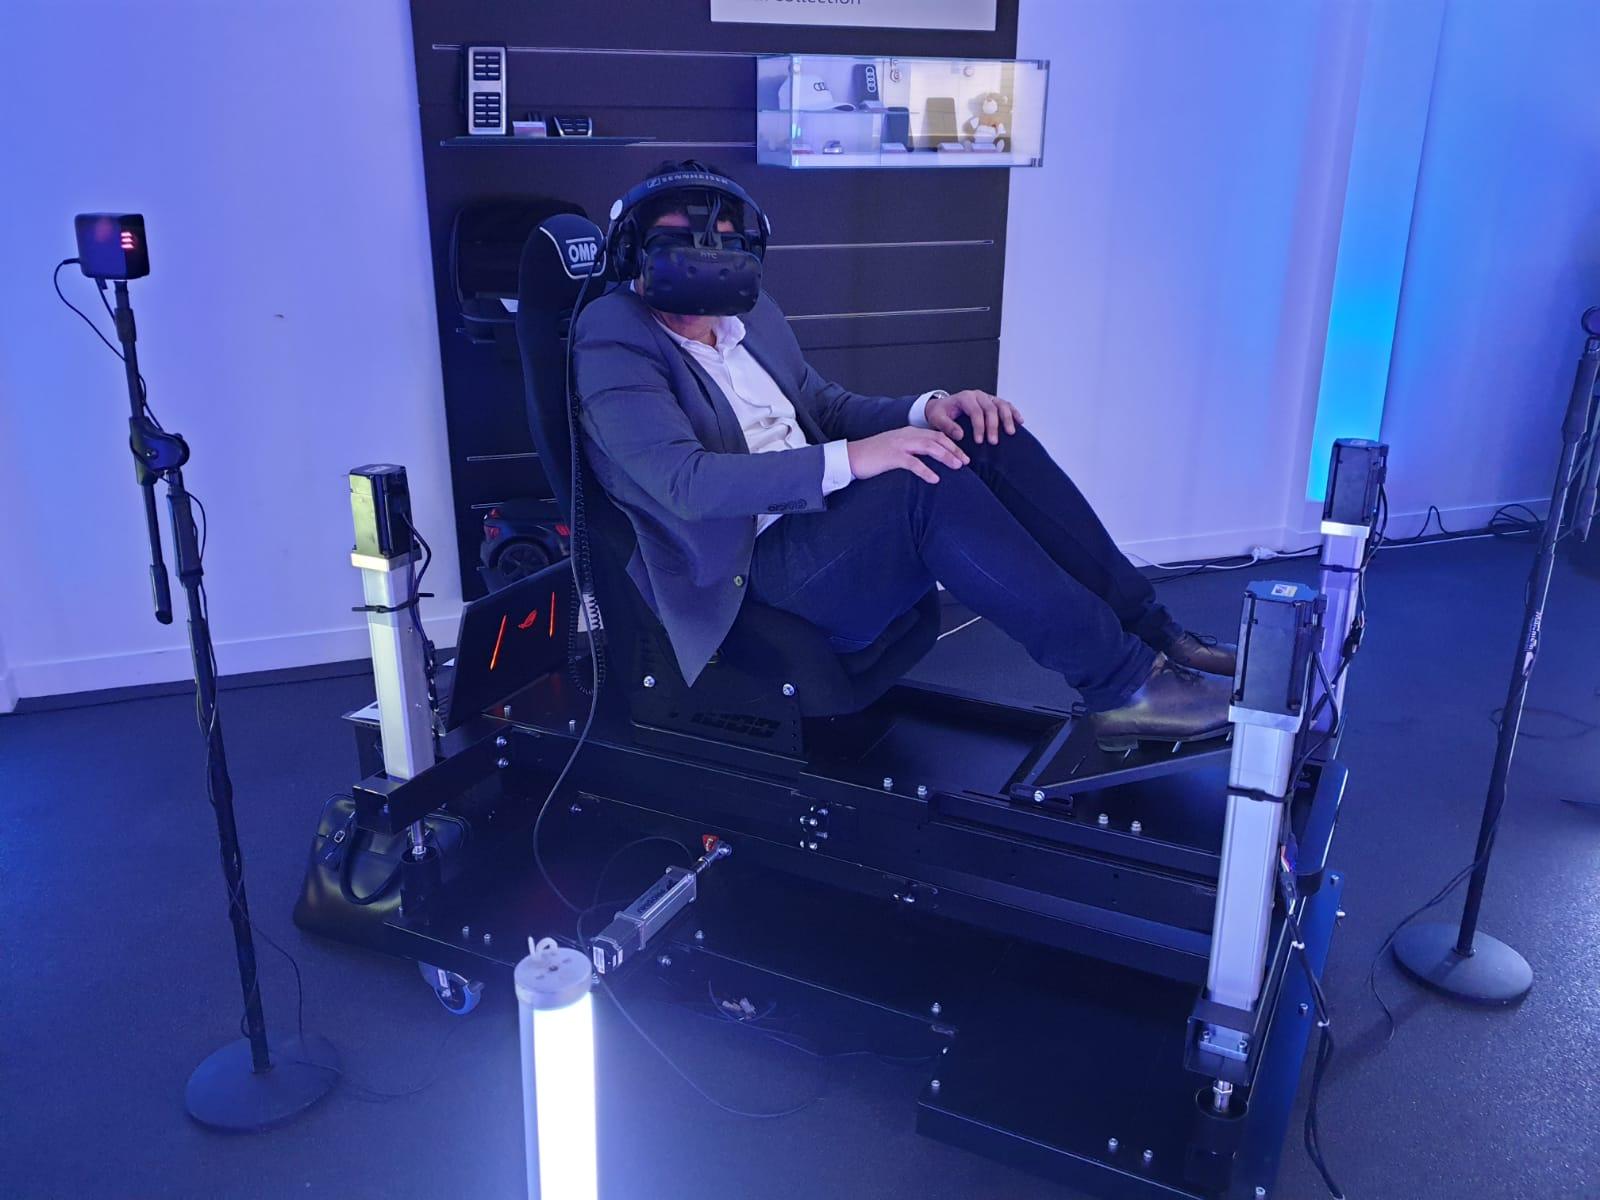 Fauteuil immersif en réalité virtuelle